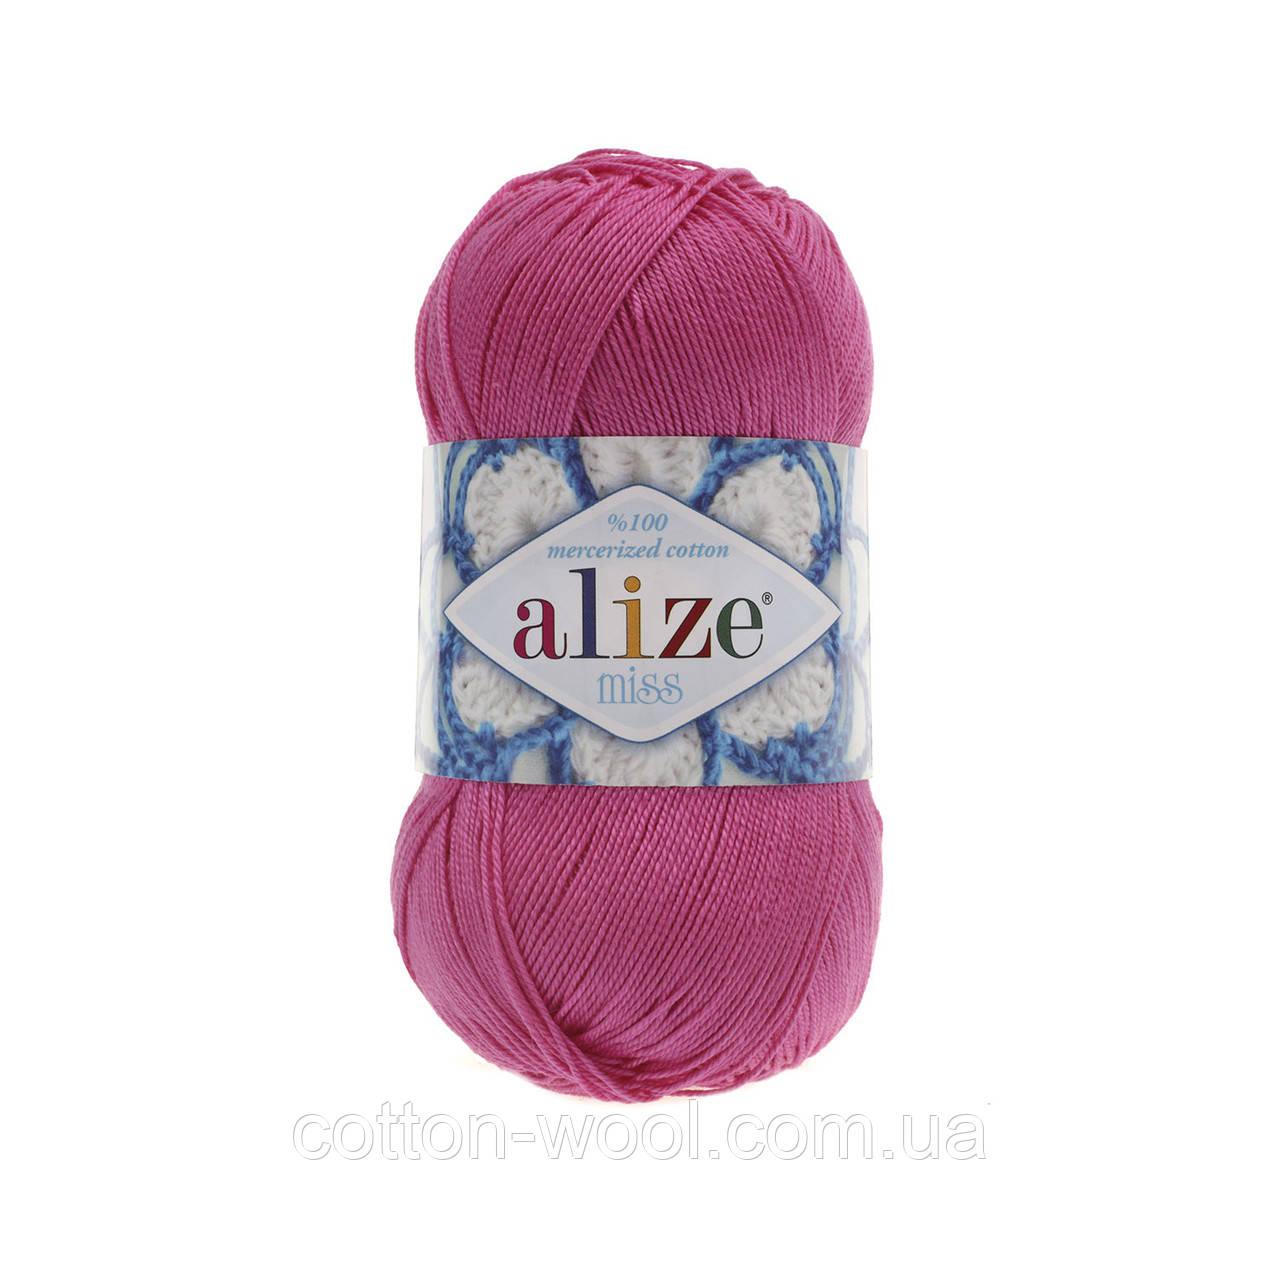 Alize Miss (Ализе Мисс) 100% мерсеризованный хлопок 130 светлая фуксия